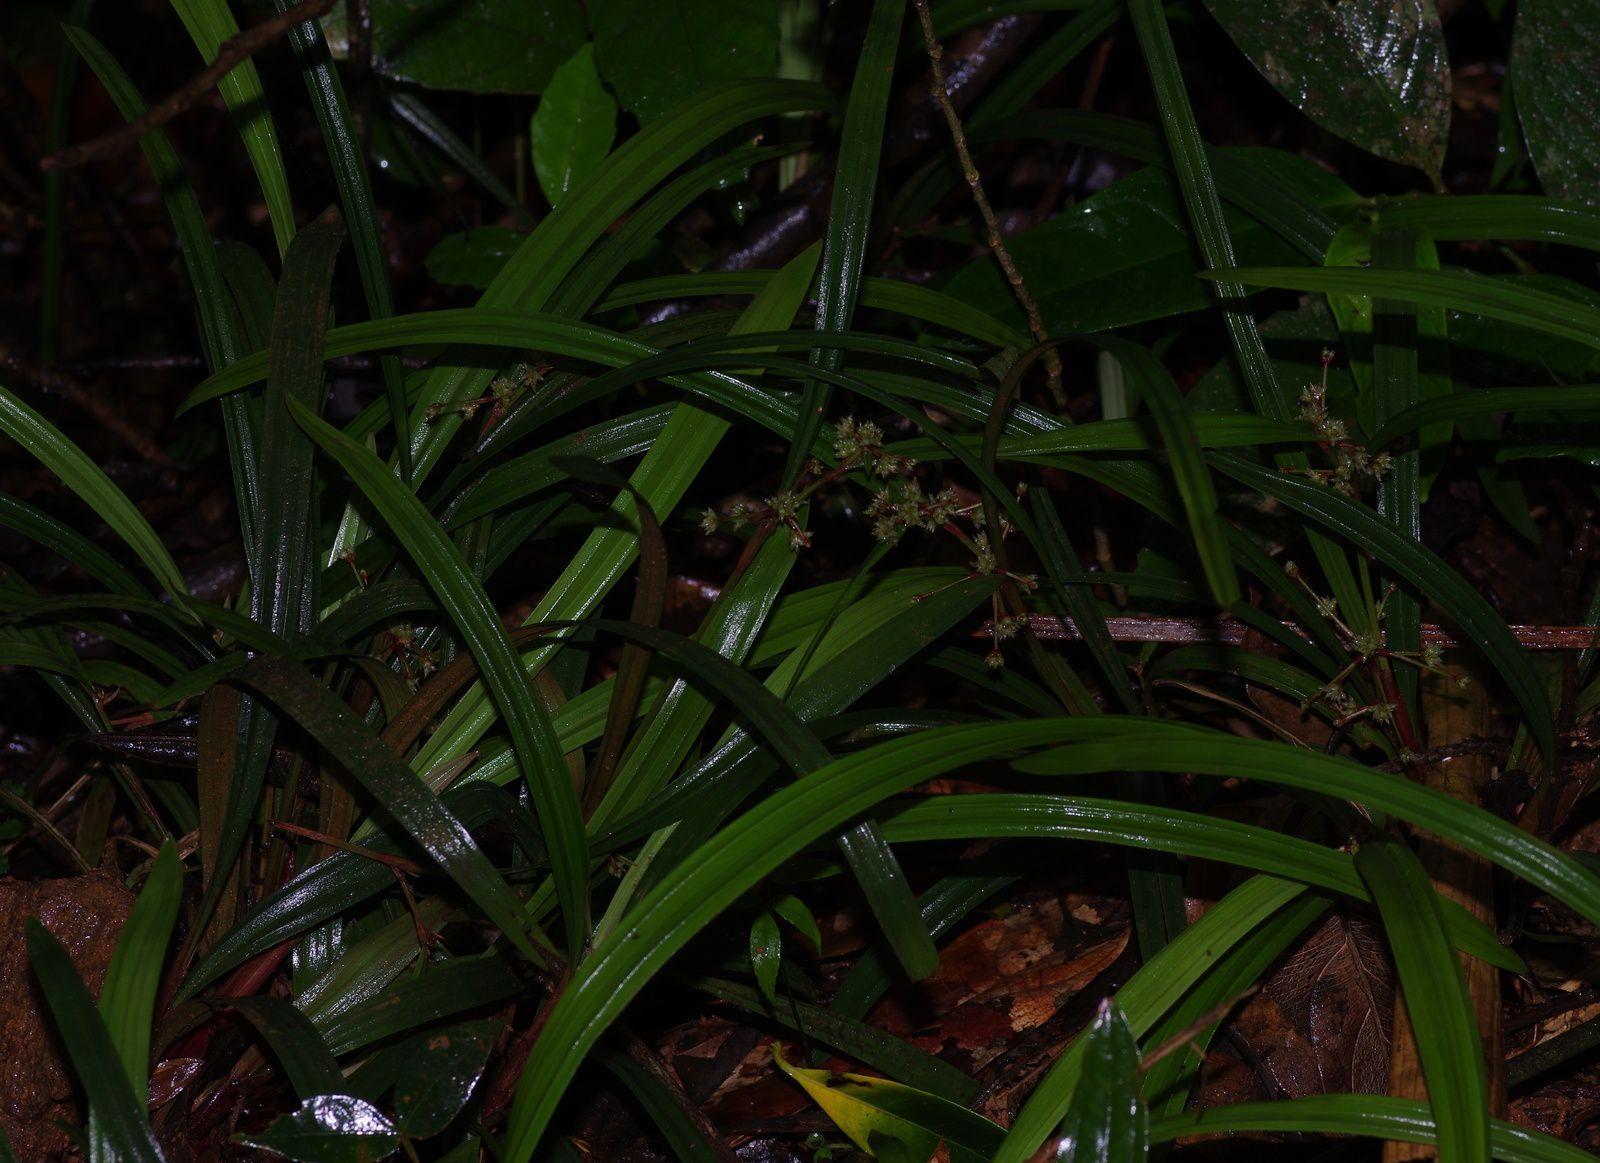 Calyptrocarya bicolor